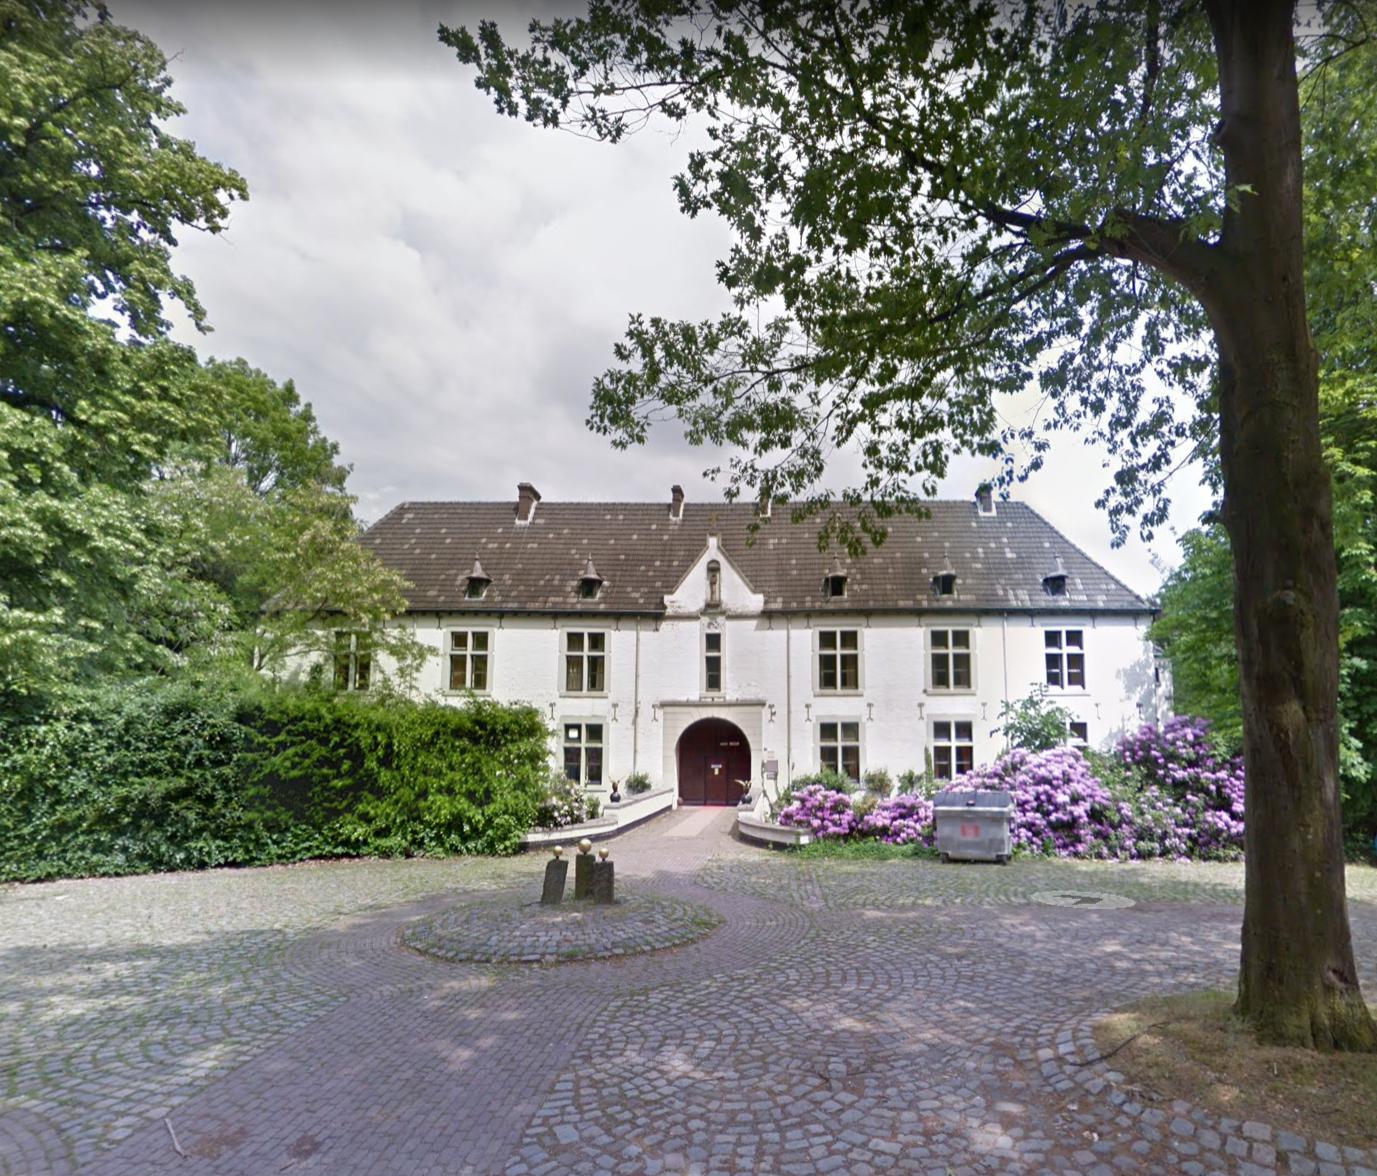 Castle De Berckt